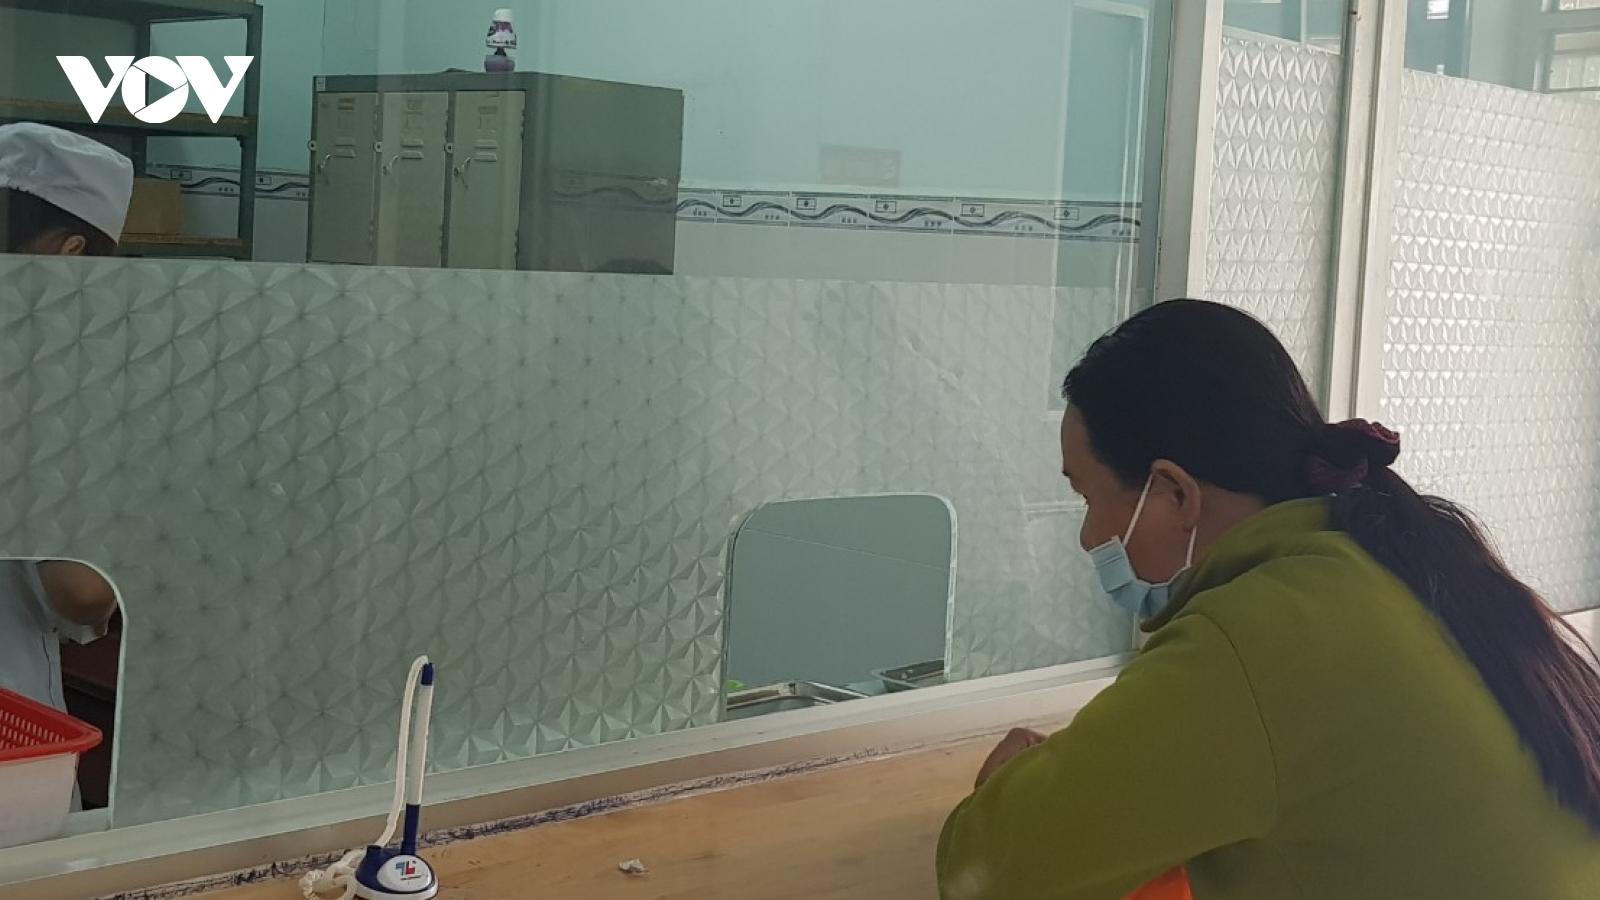 Bệnh viện đa khoa Long An bị phong tỏa, điều trị700 bệnh nhân HIV gặp khó khăn